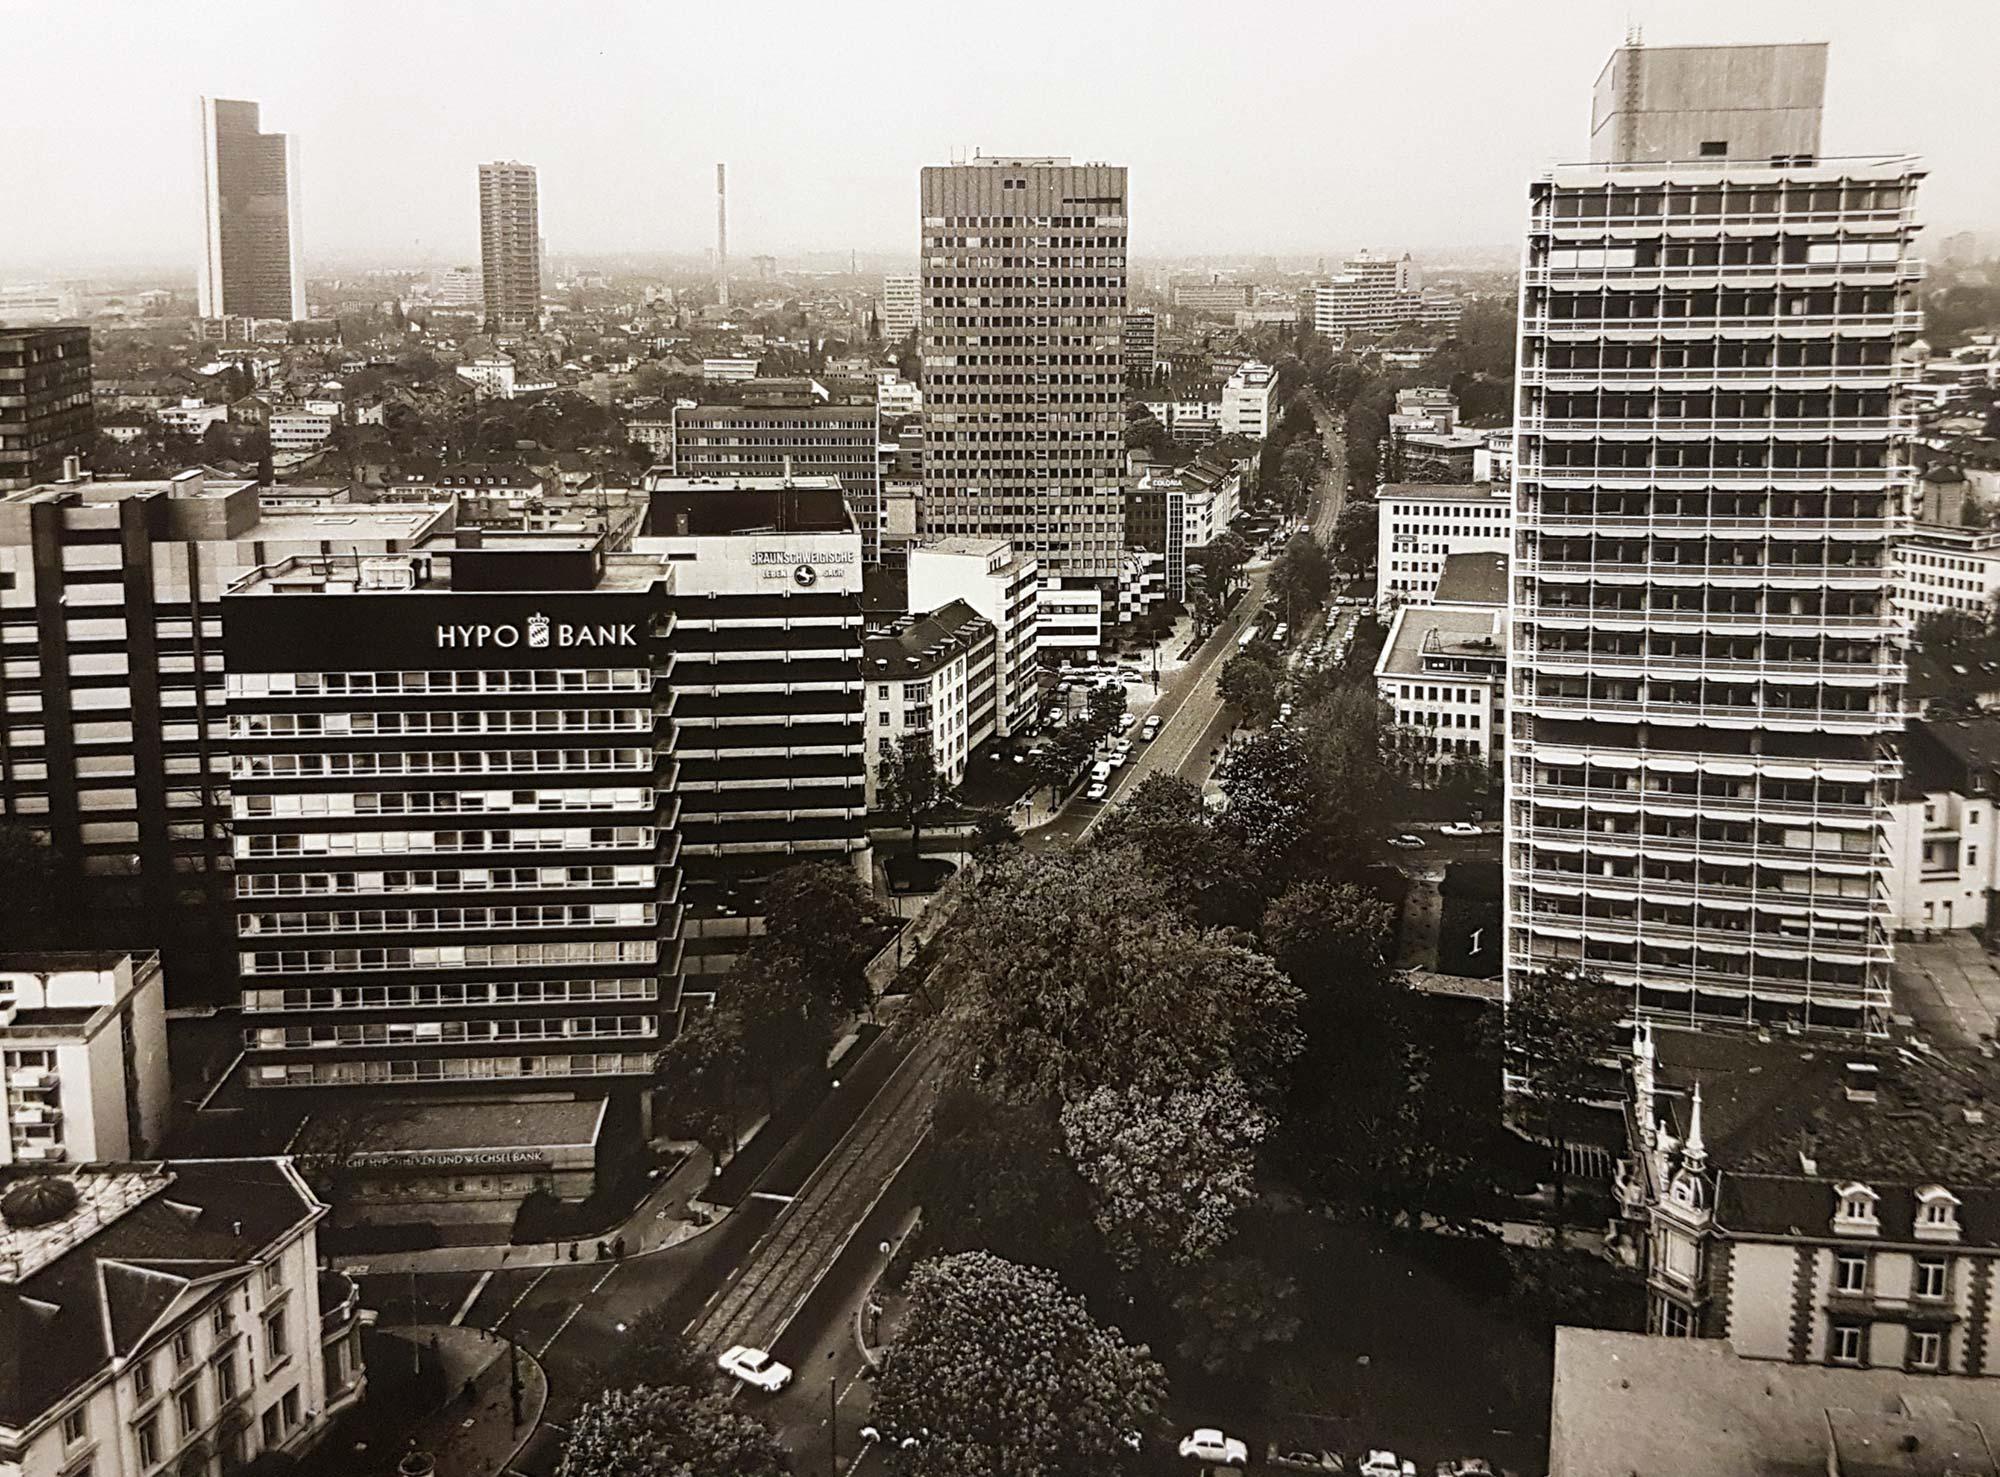 Hochhäuser in Frankfurt in der Vergangenheit